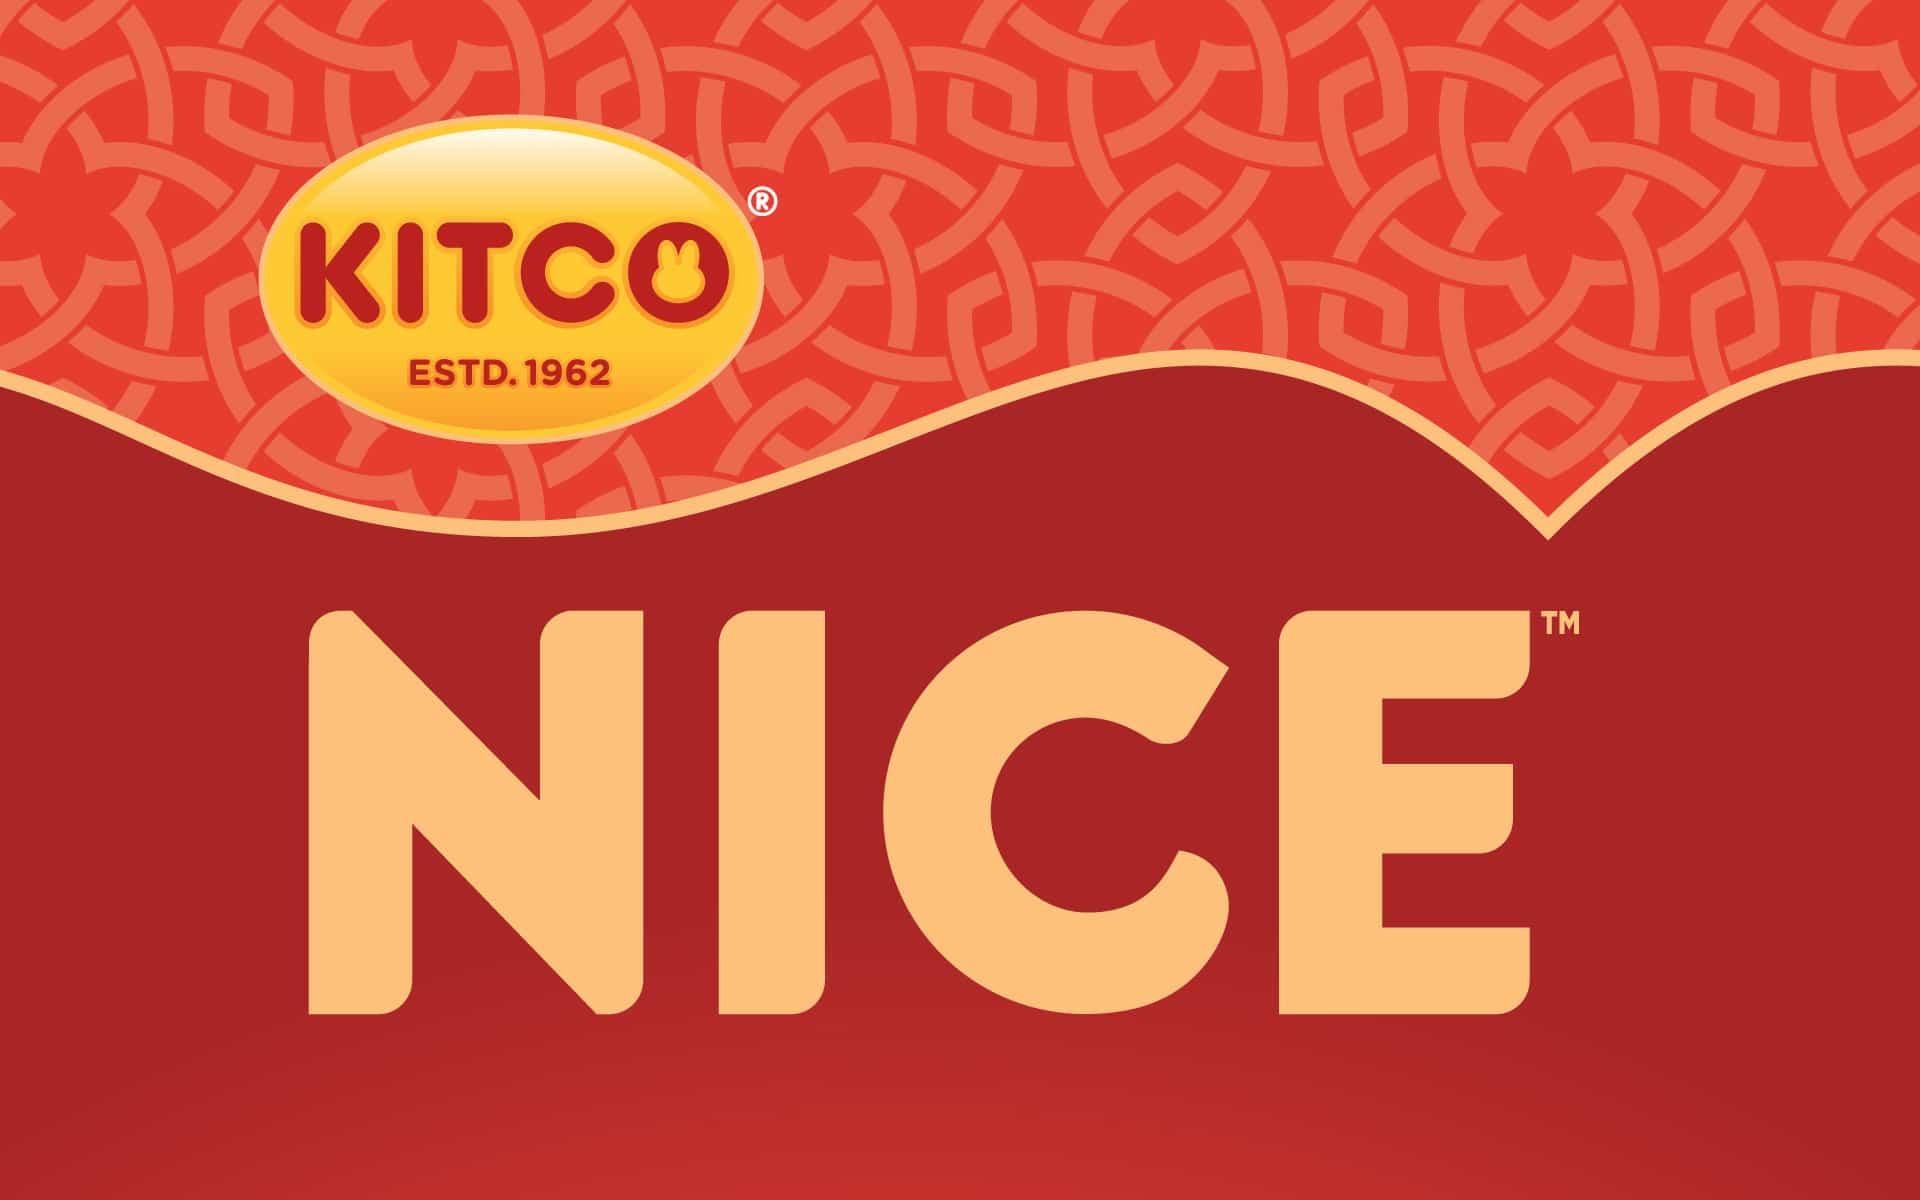 Kitco Nice - Brand Identity